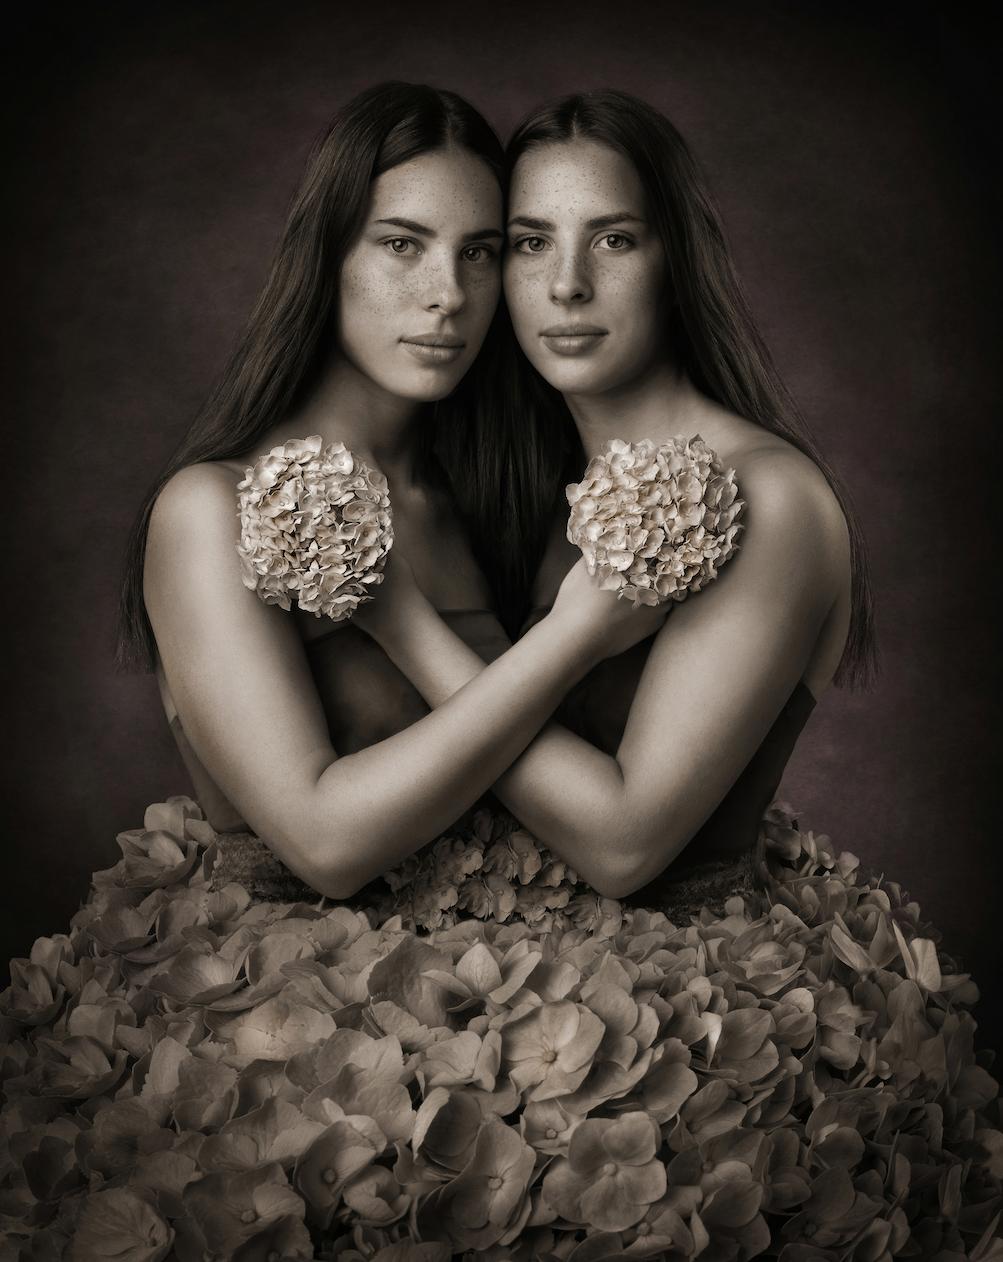 twins-in-flower